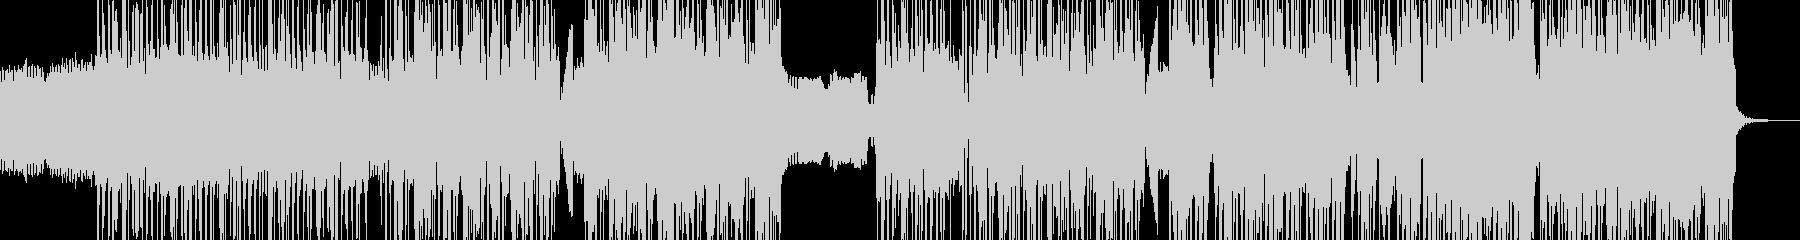 ダークで無機質なヒップホップ・ギター有の未再生の波形